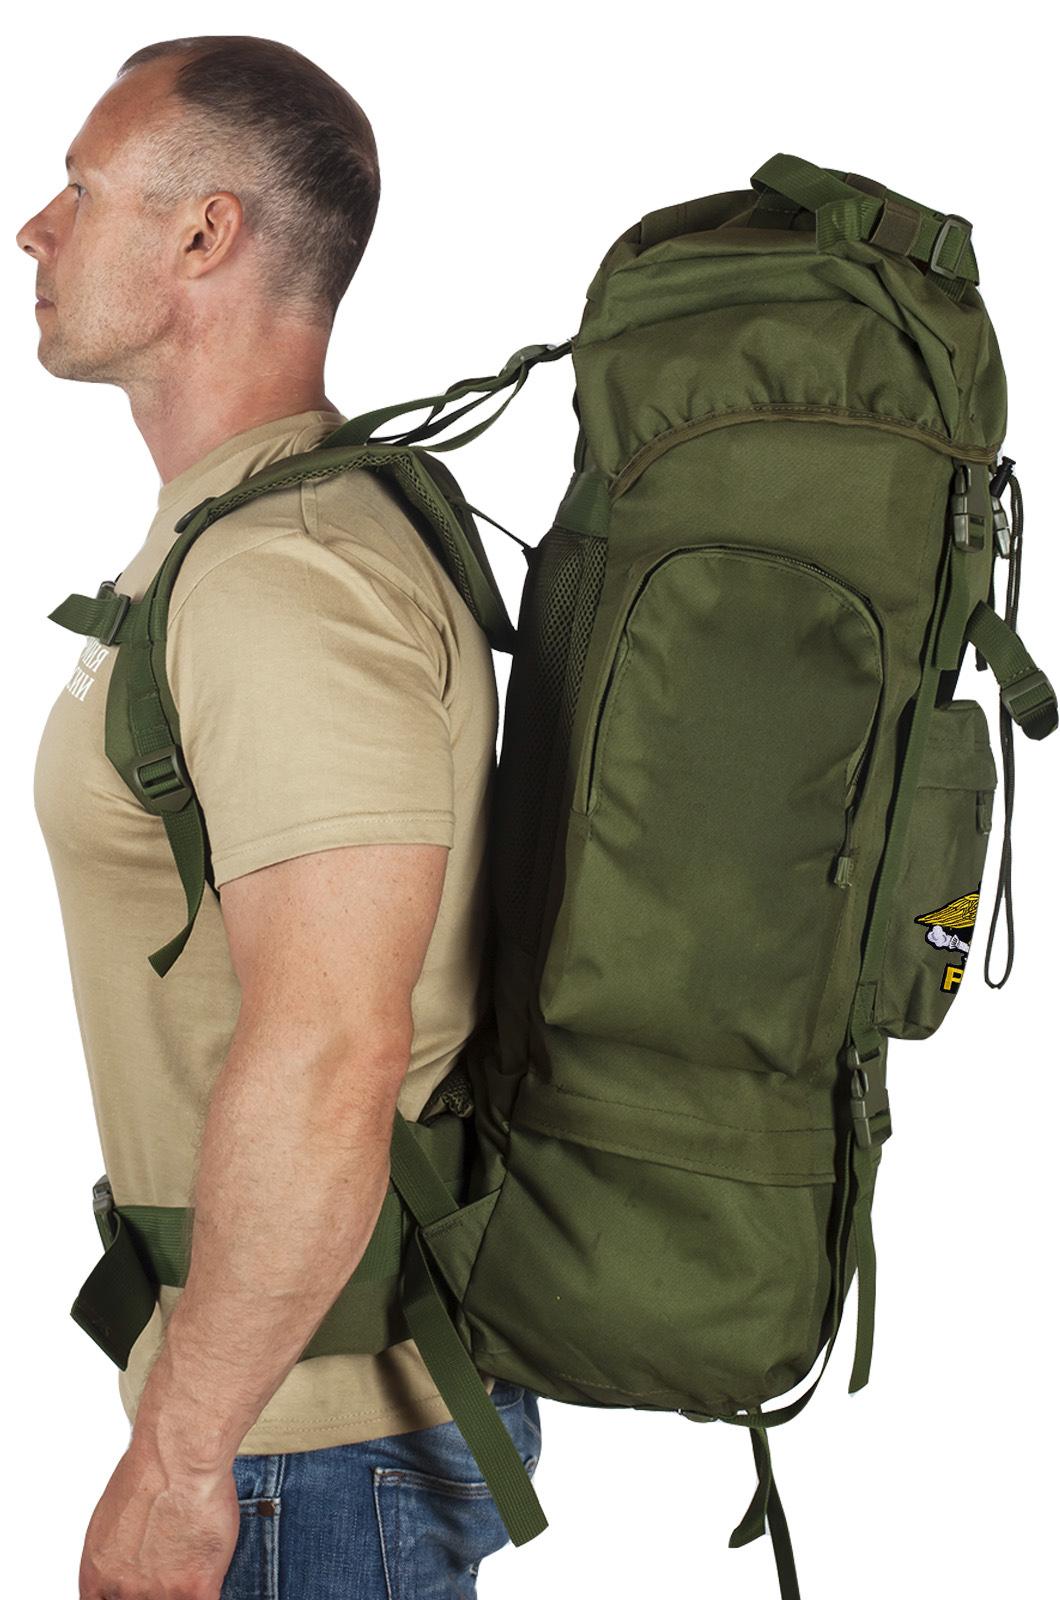 Модульный рейдовый рюкзак с нашивкой РХБЗ - заказать оптом